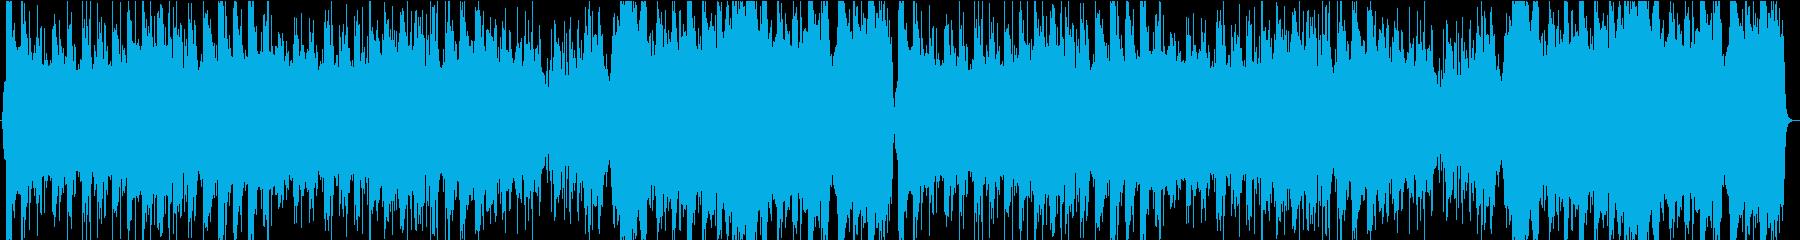 中華風の優雅なBGMの再生済みの波形